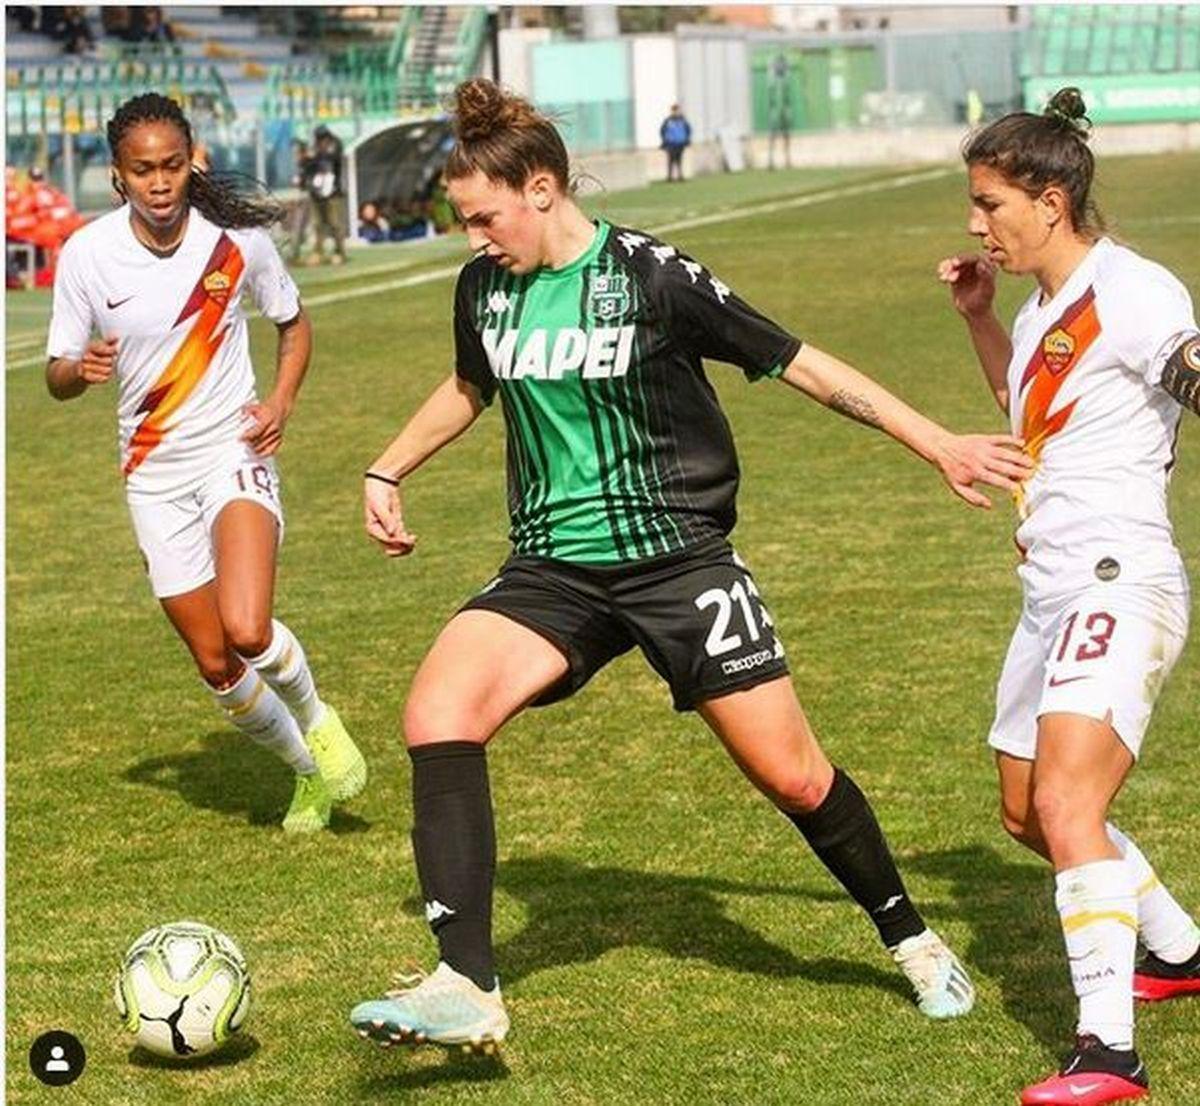 Calcio femminile | Sassuolo, riscatto e rinnovo per il portiere Lauria